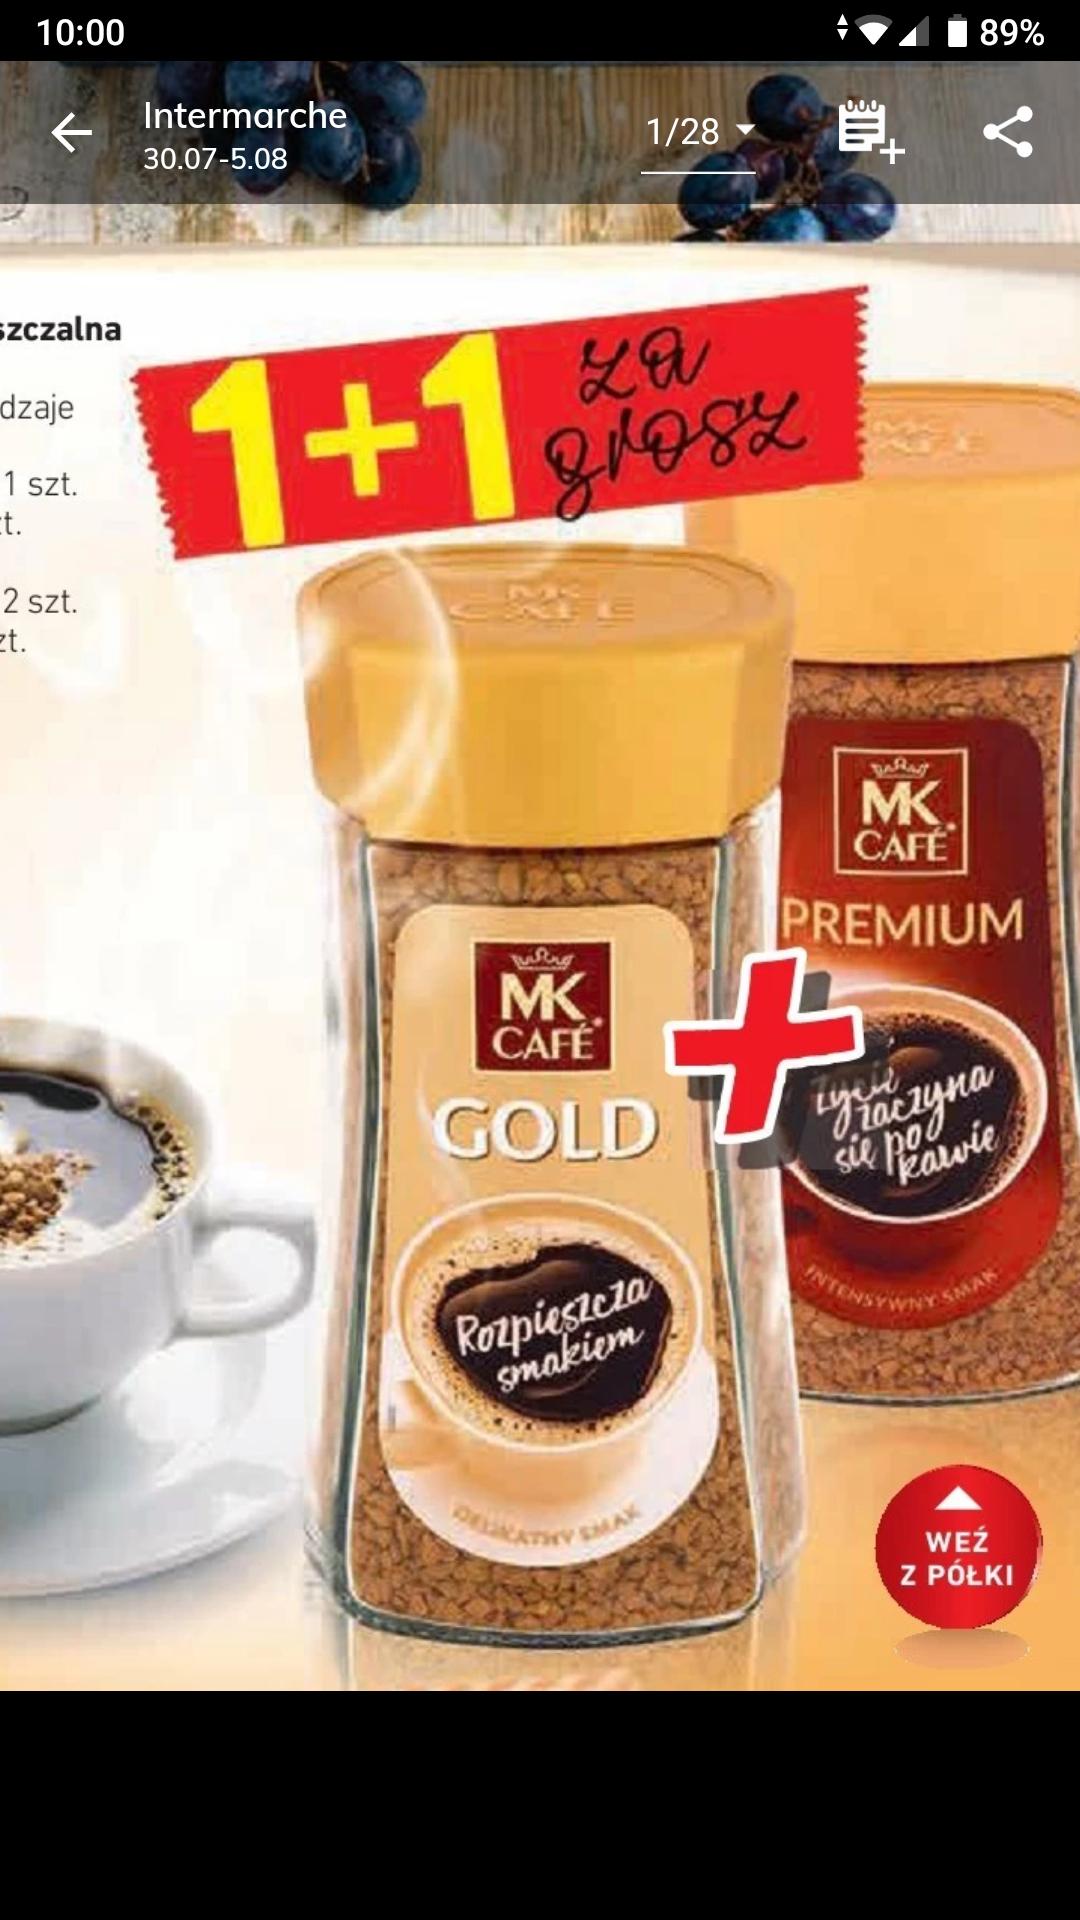 Intermarche Kawa rozpuszczalna Mkcafe 2szt.